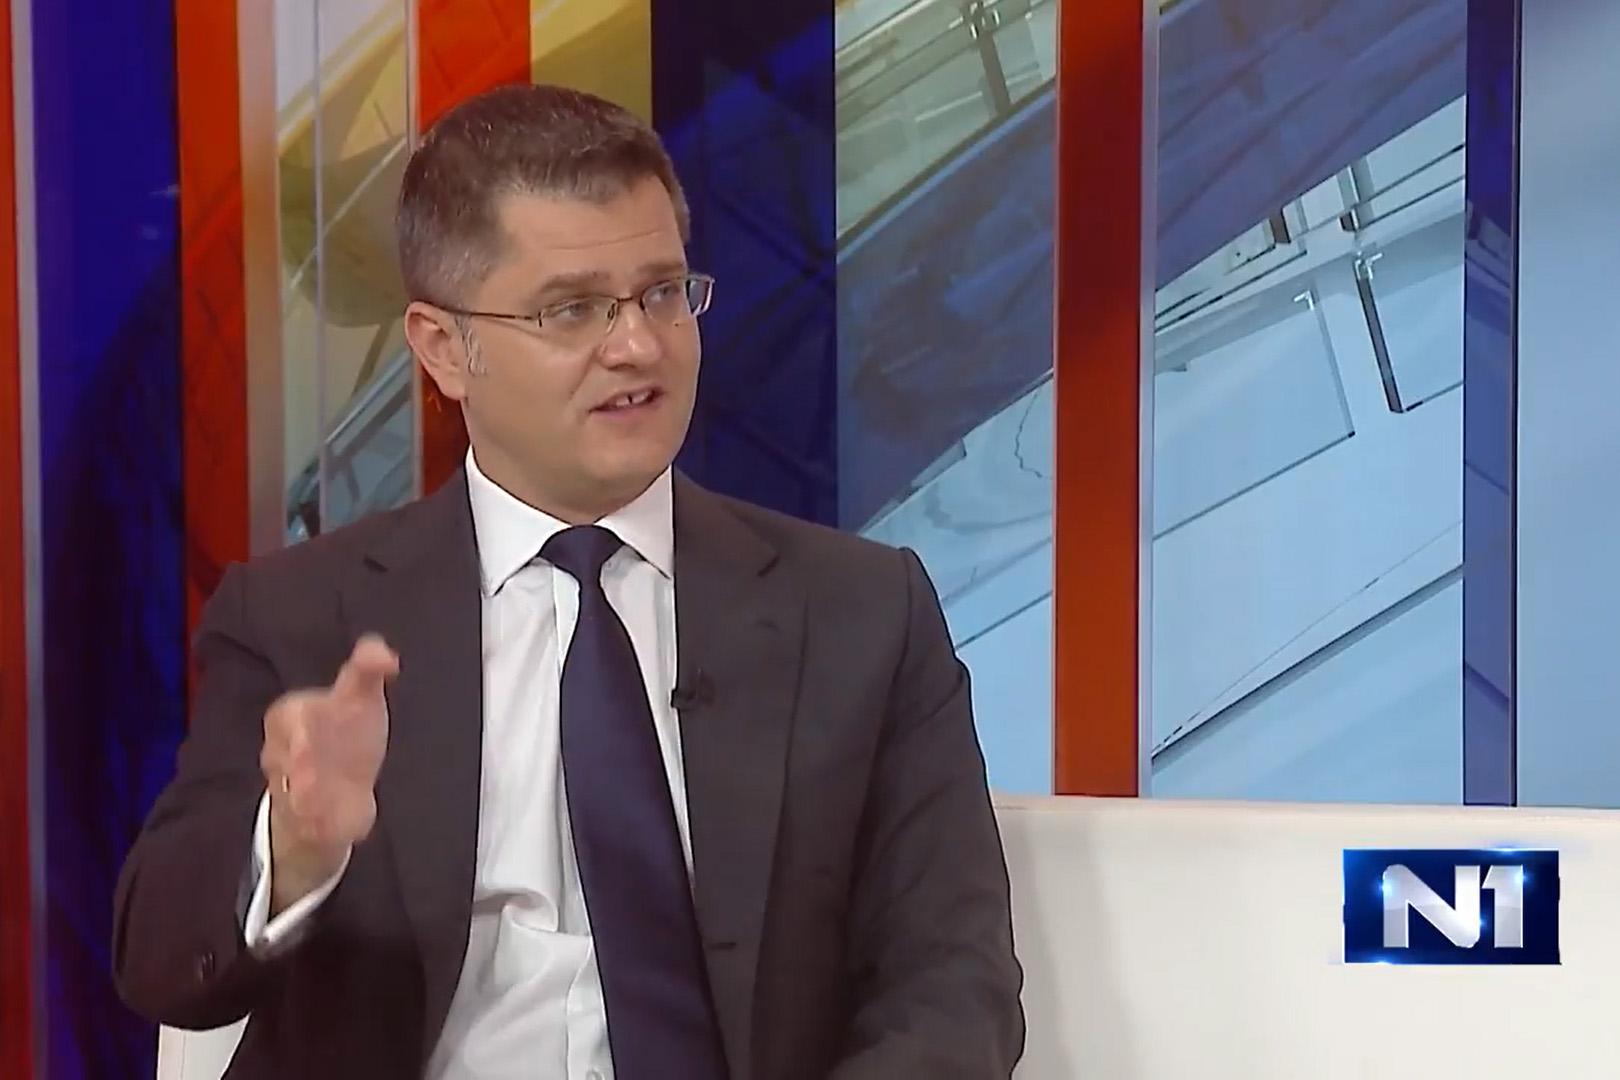 Јеремић: Свађе опозиције као борба за место на палуби Титаника